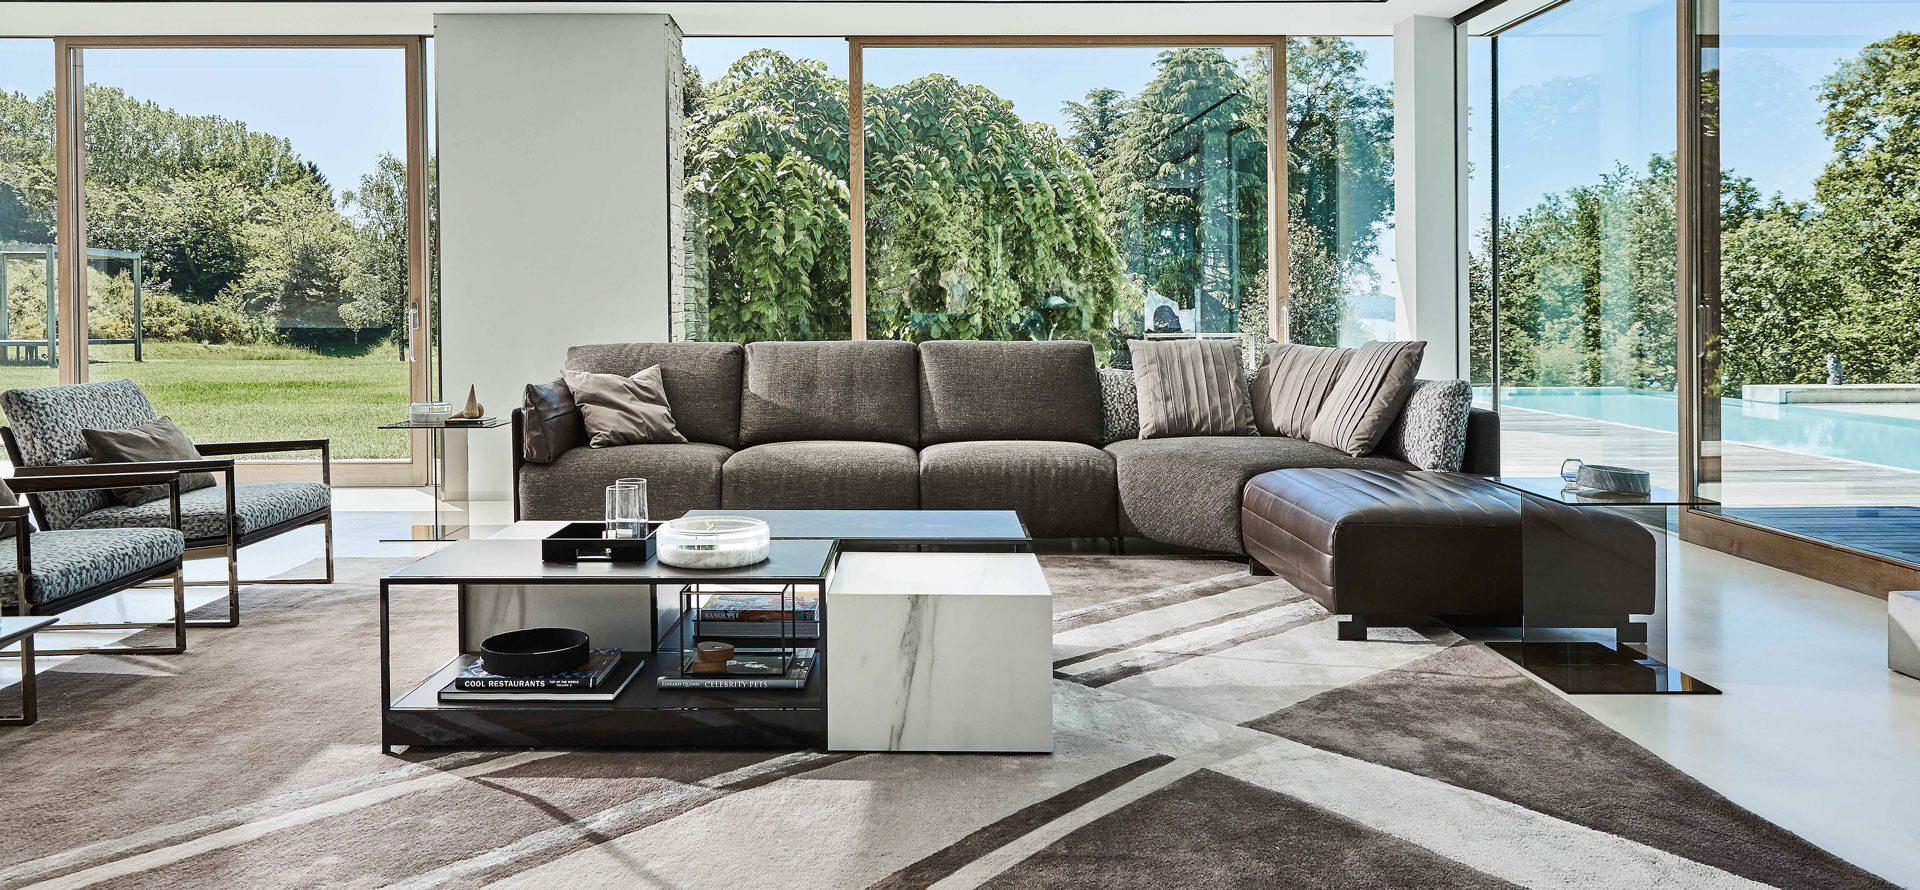 Divano Bag: il divano rialzato da terra dal design 100% italiano ...